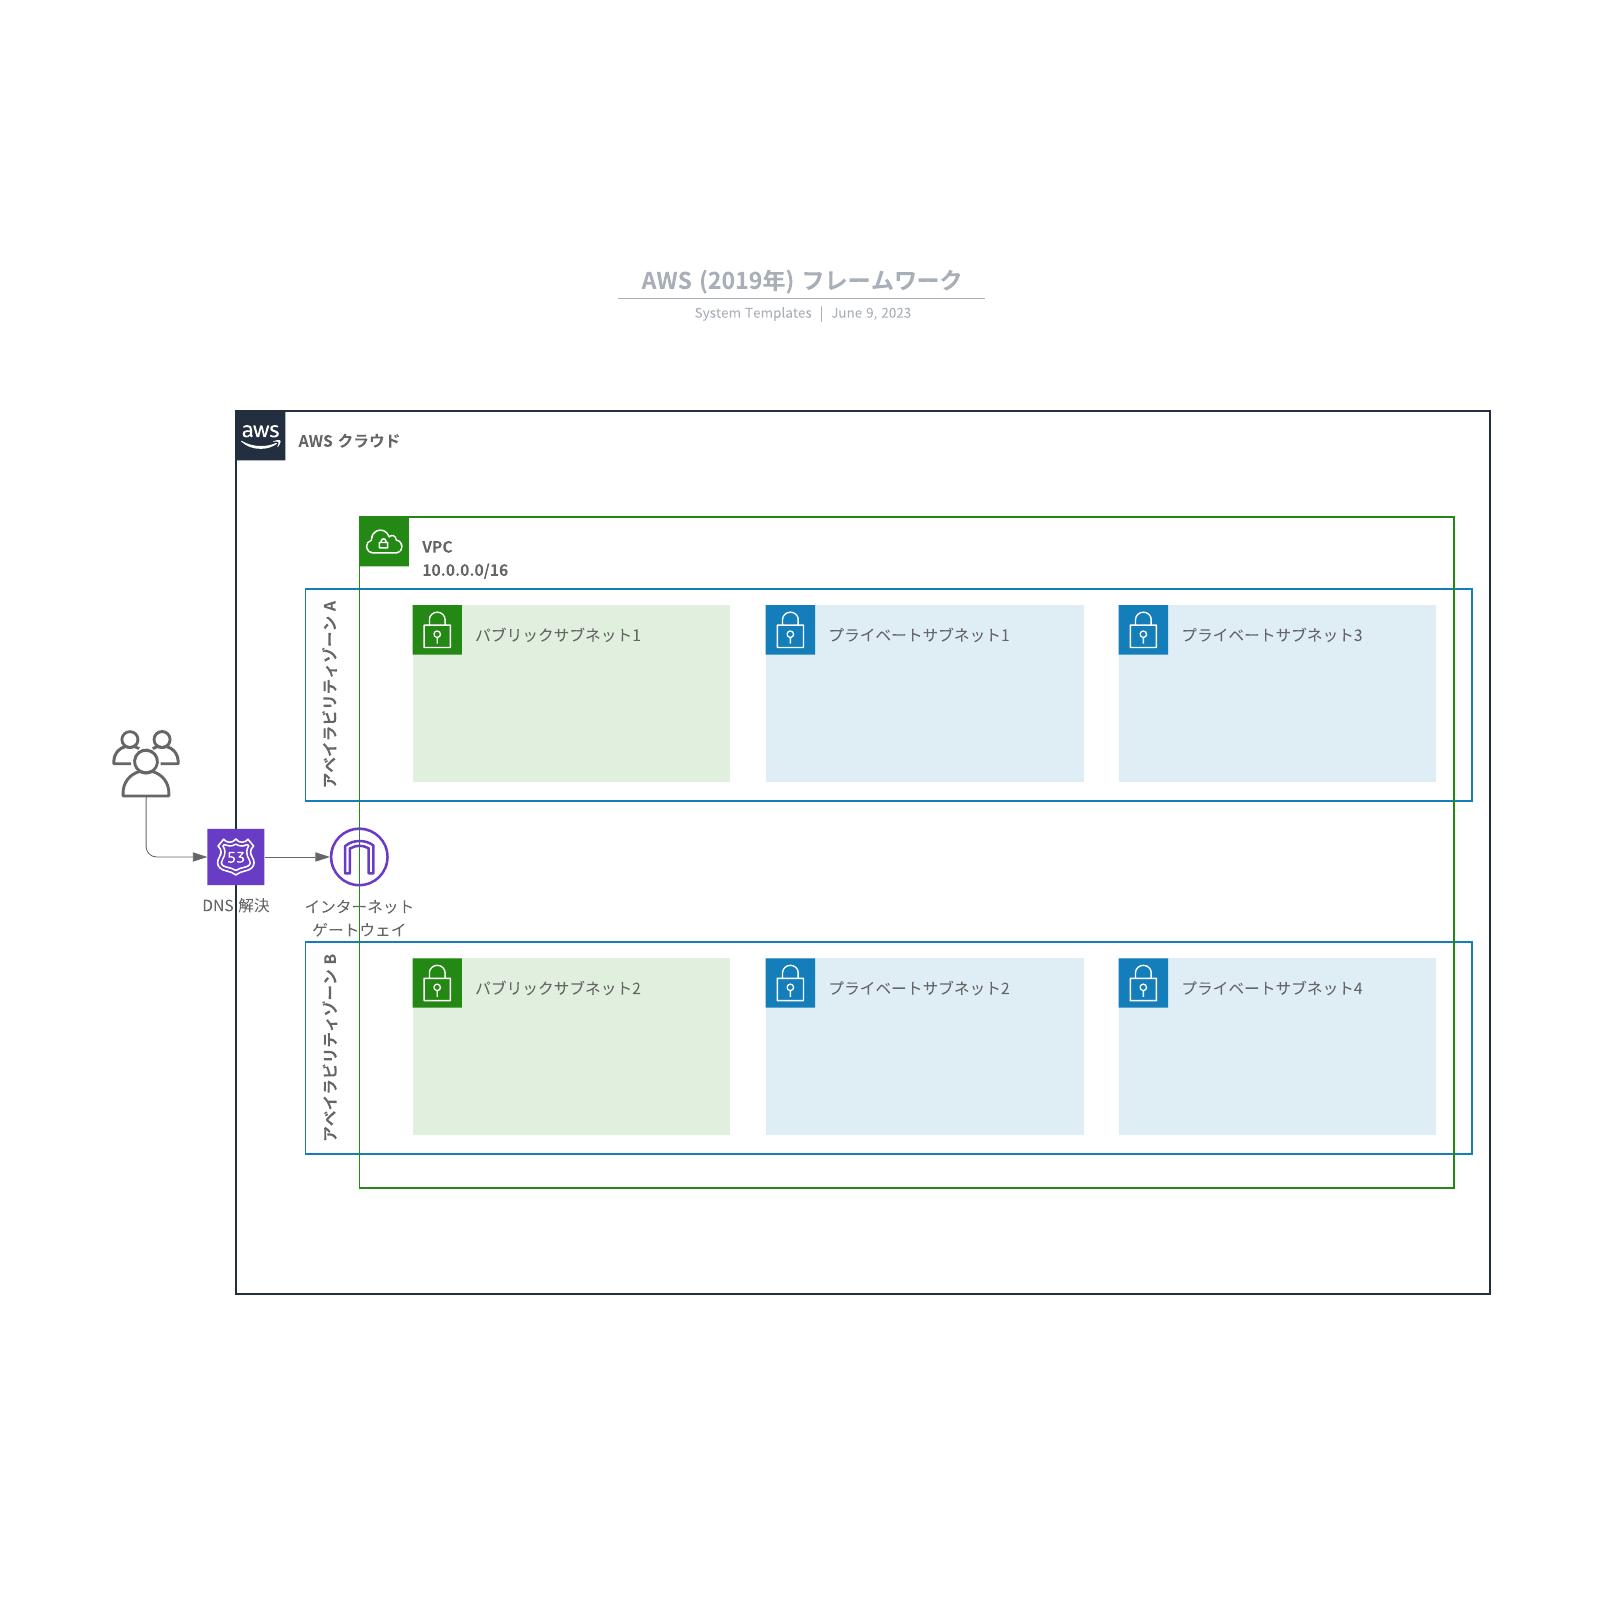 AWS (2019年) フレームワークを表した参考例